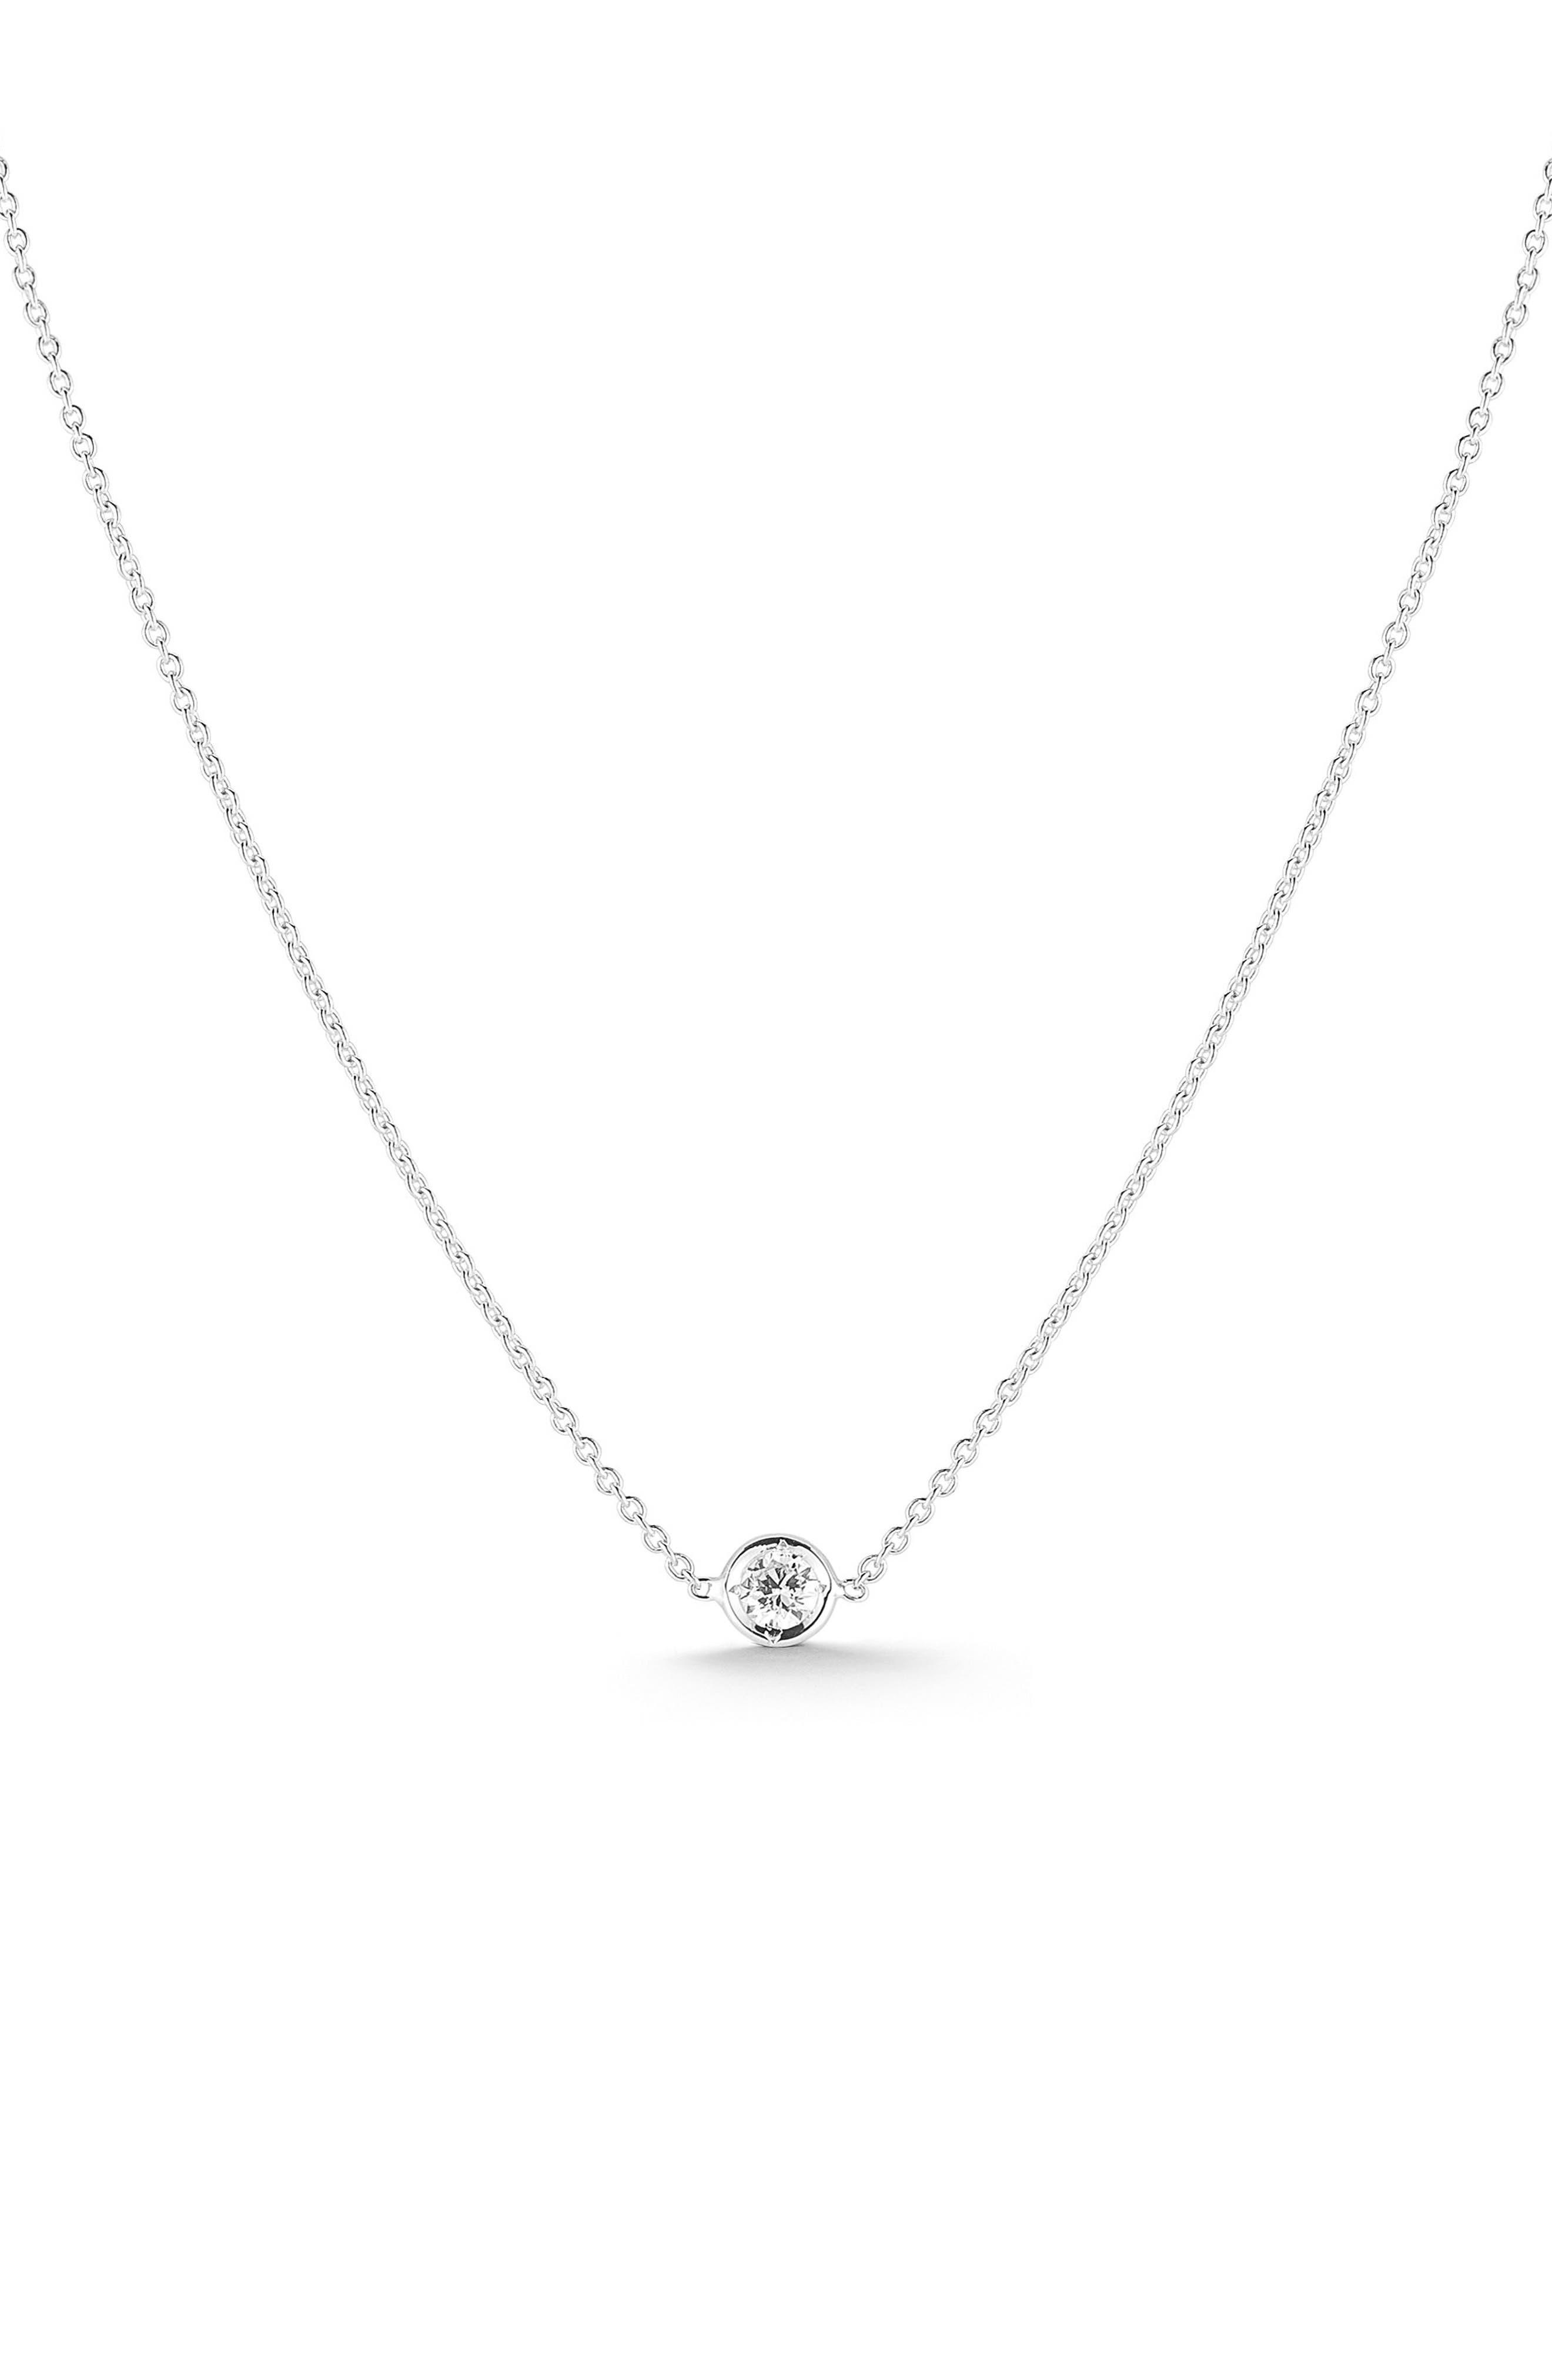 Tiny Treasures Diamond Bezel Necklace,                             Main thumbnail 1, color,                             WHITE